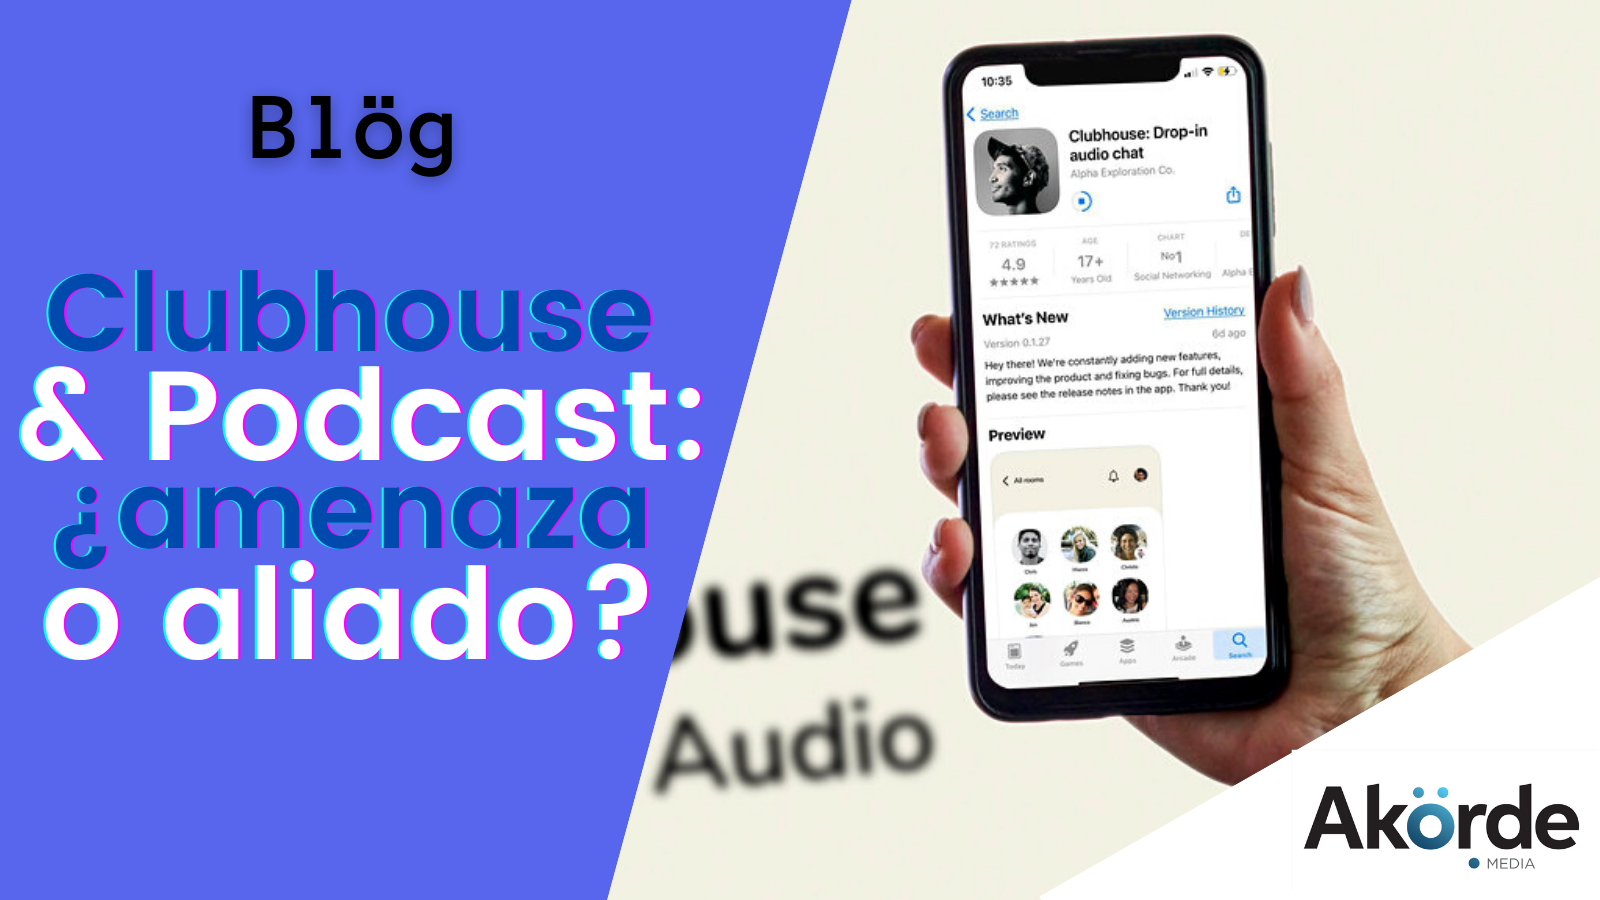 Su podcast puede tener más audiencia con estos 5 consejos de expertos